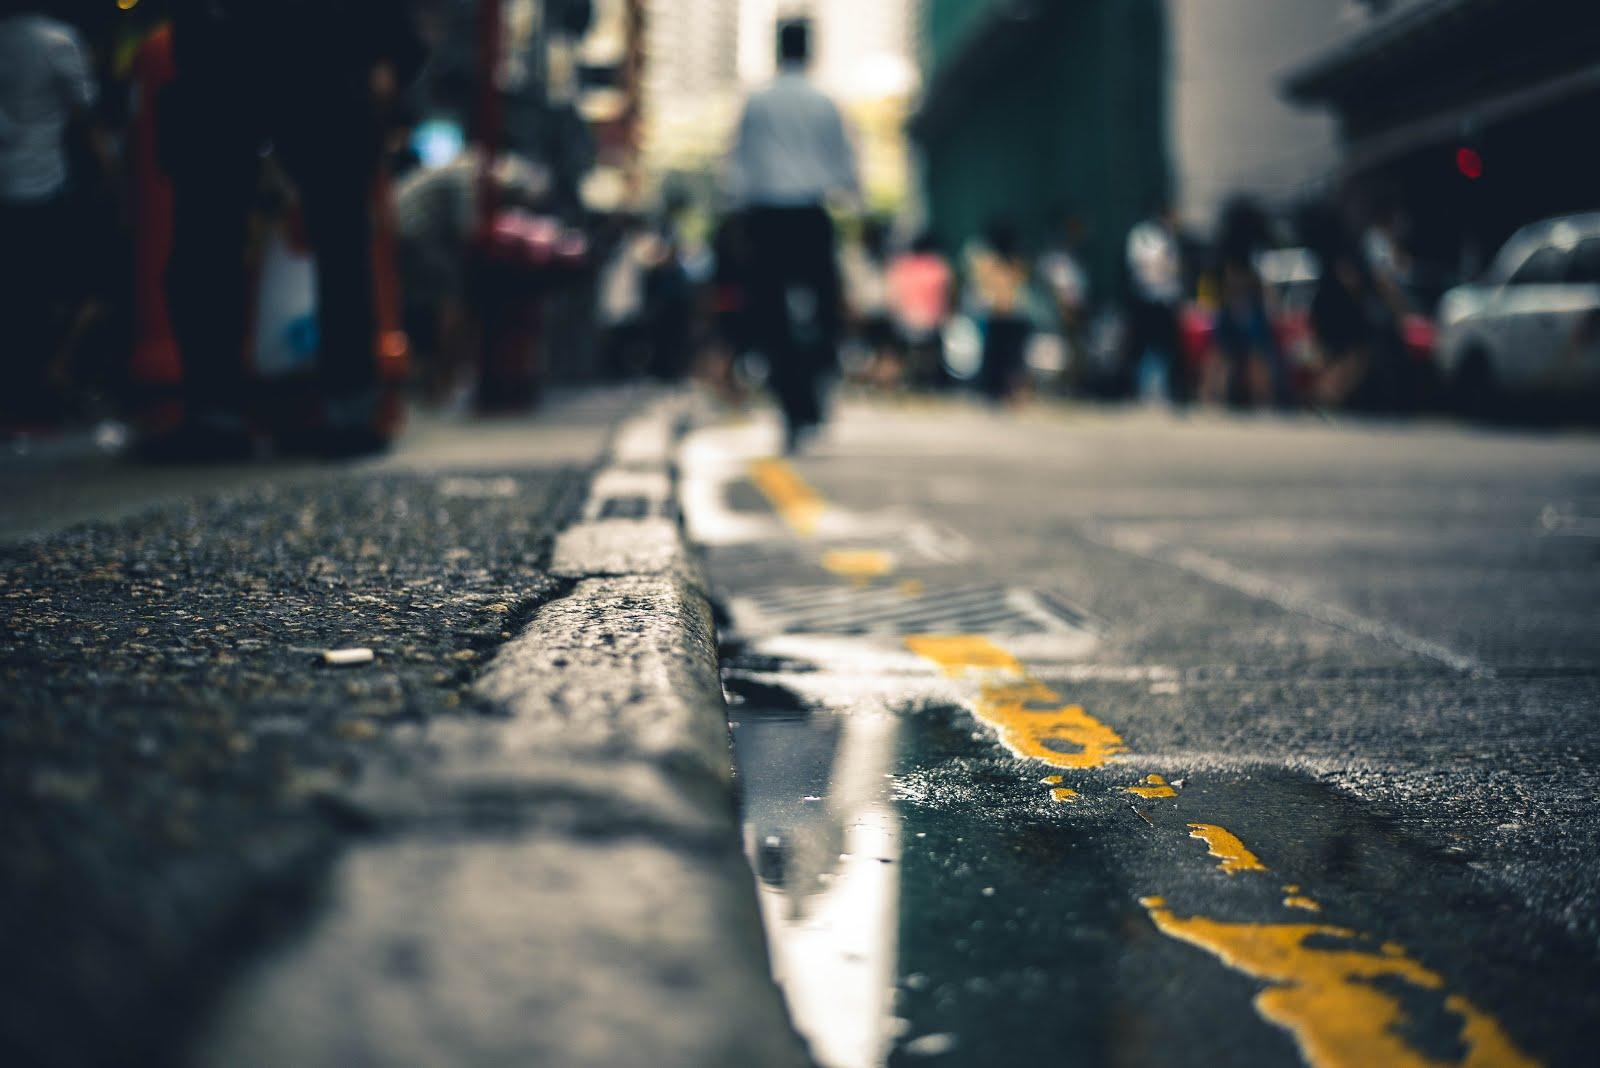 Naquela calçada